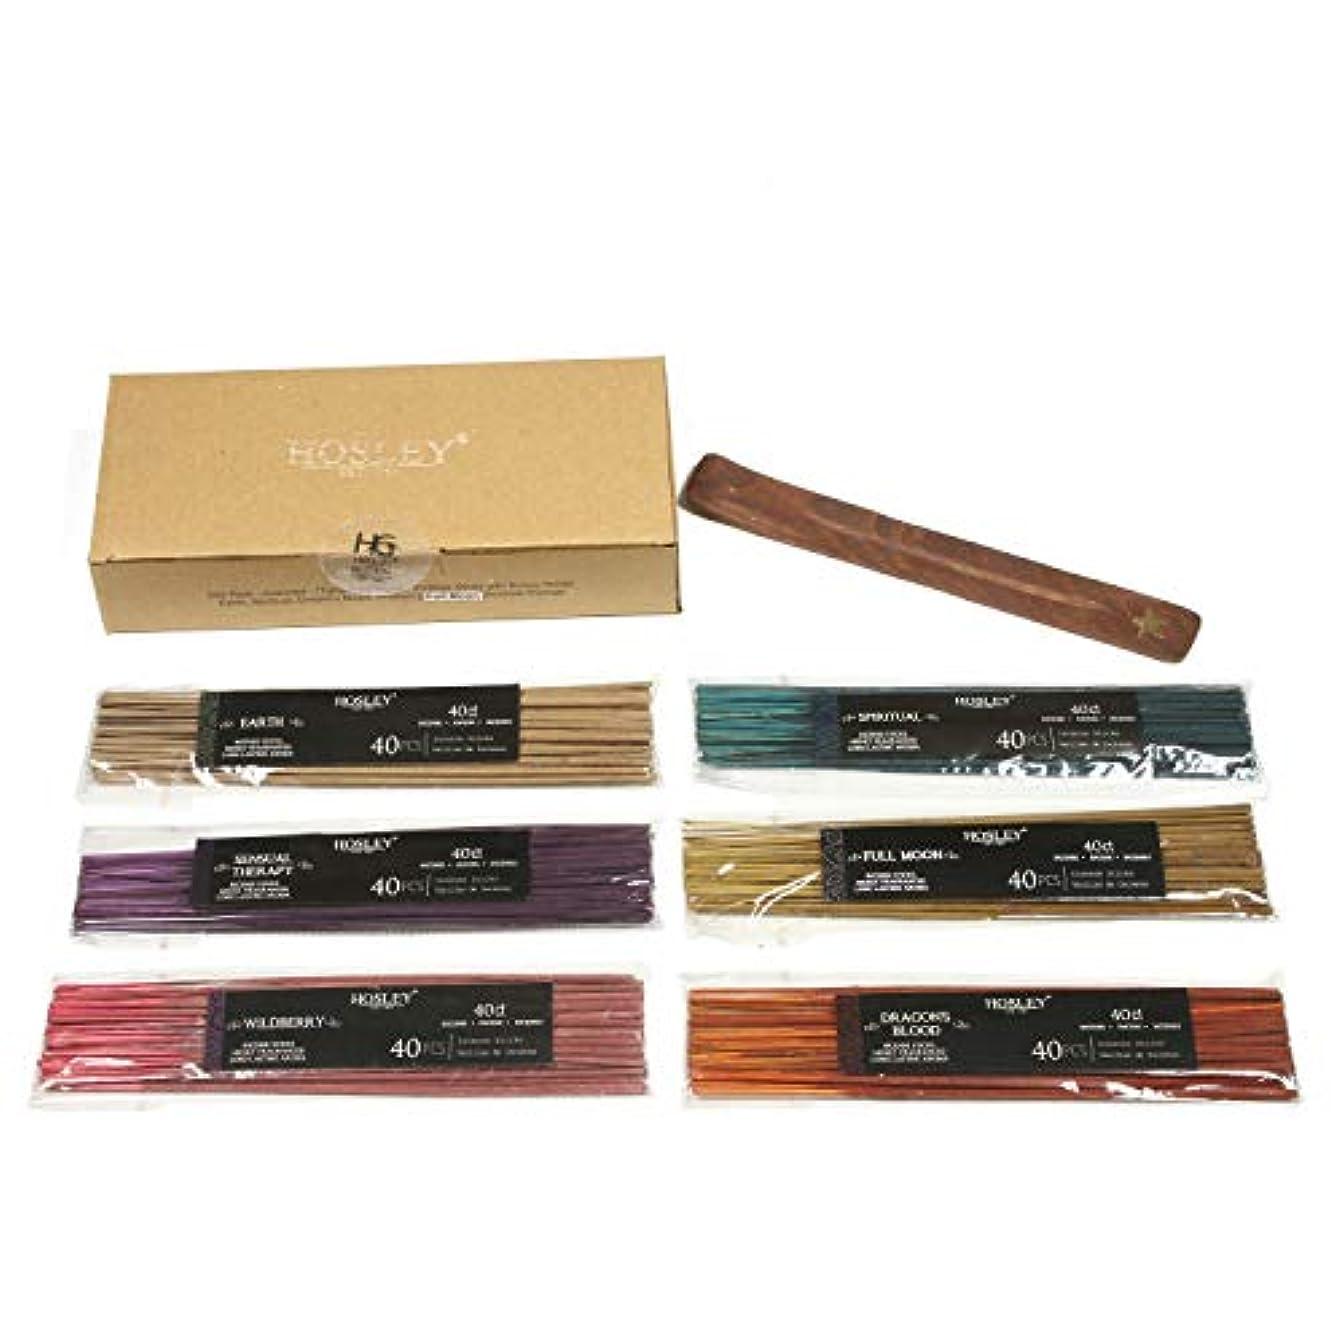 絶望不完全貧困Aromatherapy Hosley's 240 Pack Assorted Highly Fragranced Incense Sticks - Dragon's Blood, Earth, Full Moon, Sensual...